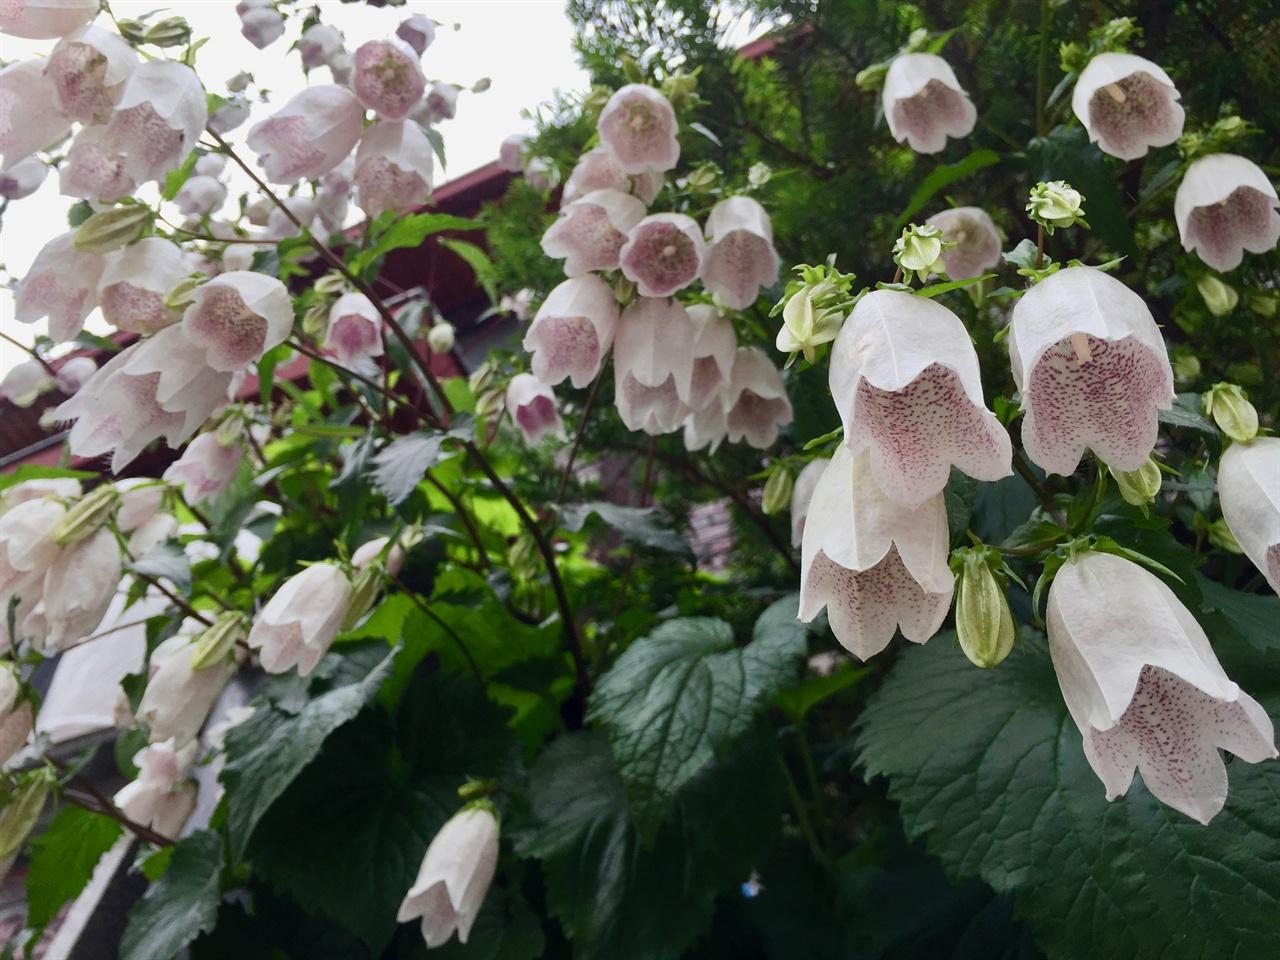 동네 산책길에 꽃이름은 모르겠으나 동네 산책길 담장 위의 화분에 핀 종 같이 생긴 꽃